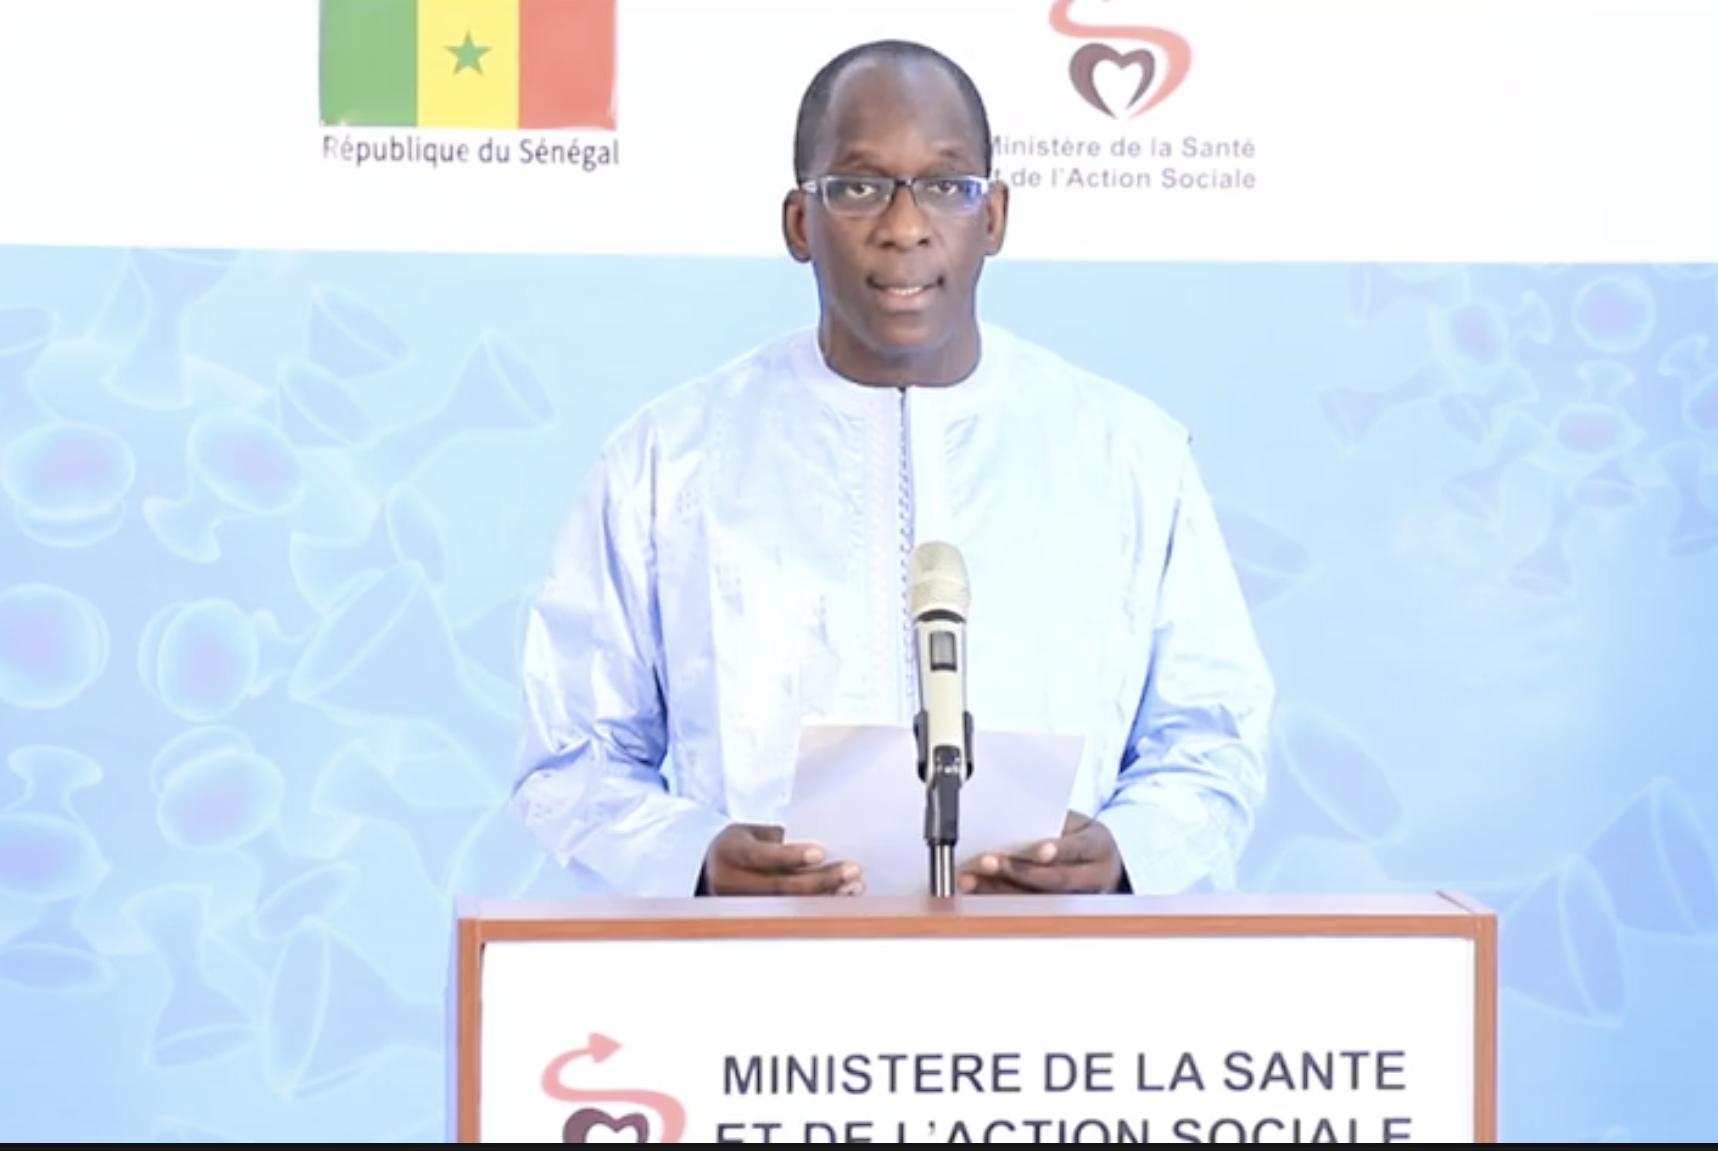 « Il faut admettre que les cas communautaires sont préoccupants », (Abdoulaye Diouf Sarr, ministre de la Santé)